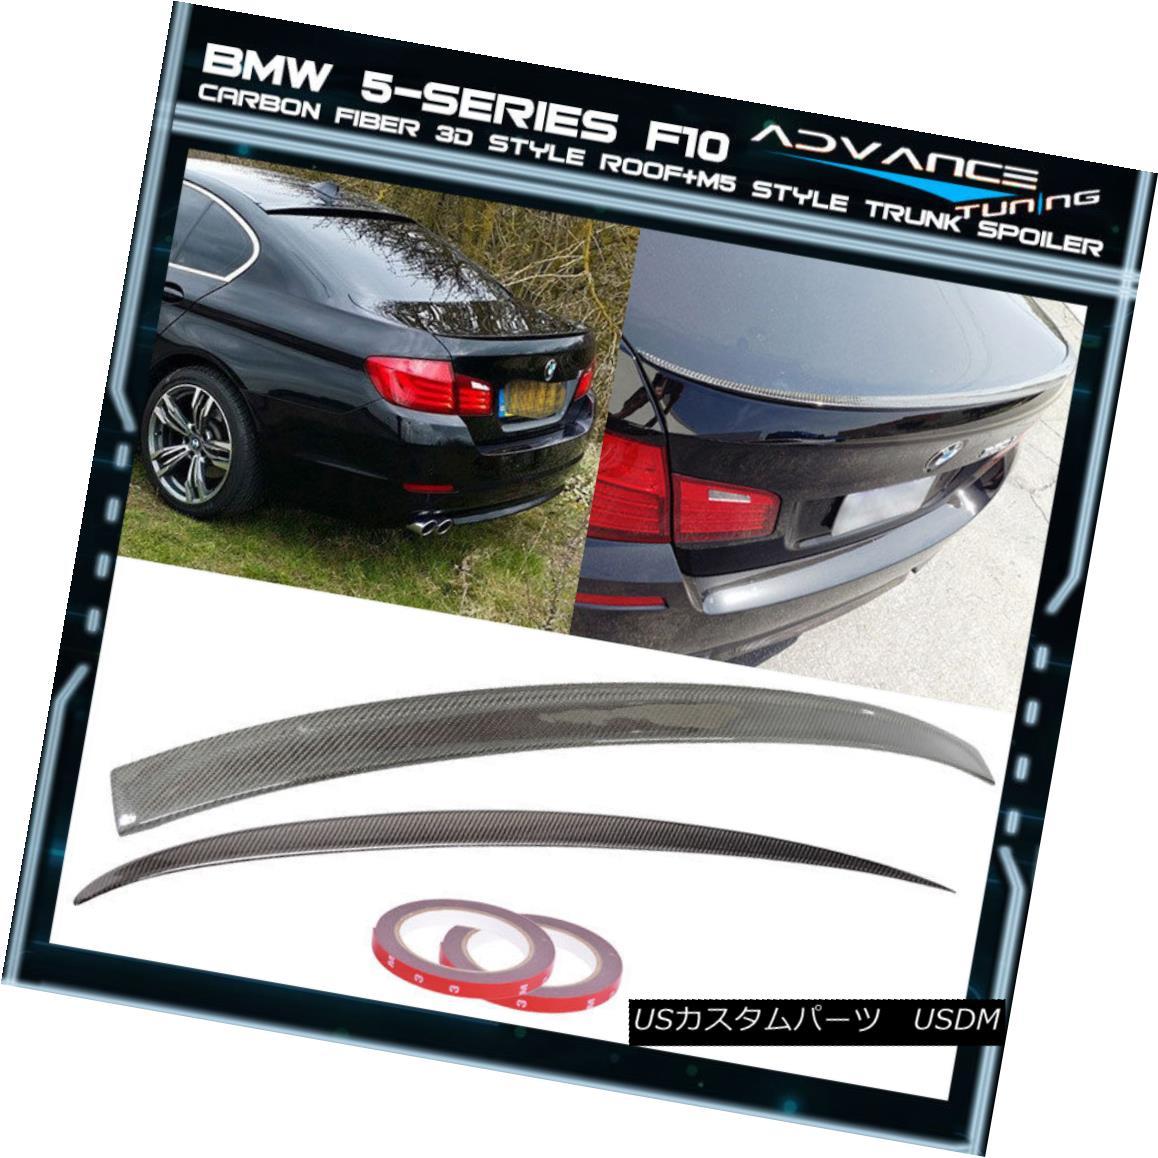 エアロパーツ 11-16 BMW F10 5-Series 4Dr Sedan CF 3D Type Roof + M5 Trunk Spoiler Wing 11-16 BMW F10 5シリーズ4DrセダンCF 3Dタイプルーフ+ M5トランク・スポイラー・ウィング